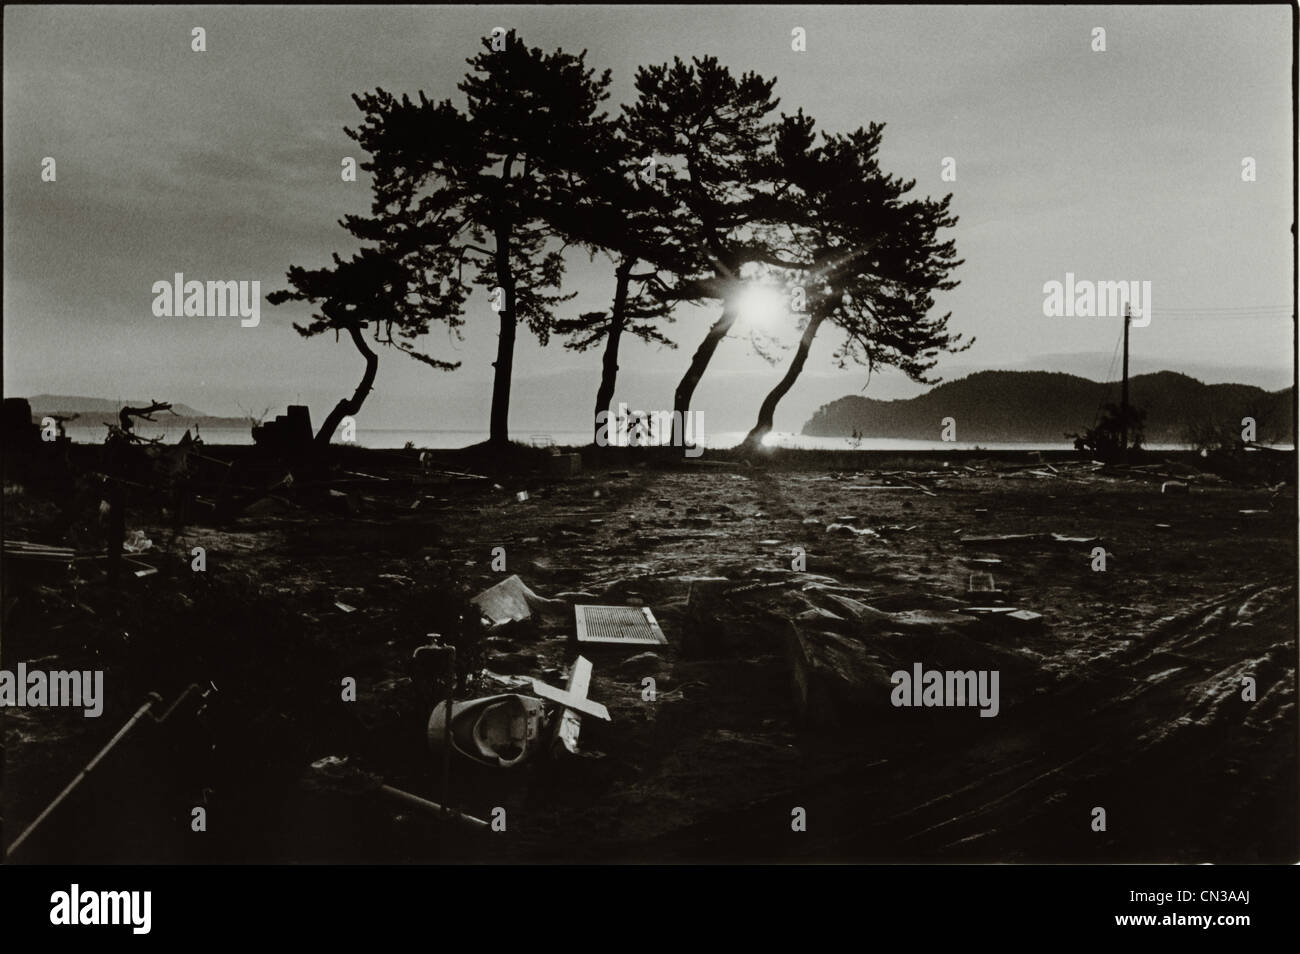 Lumière du soleil à travers les arbres et les débris qui se profile dans le sillage de séisme Photo Stock